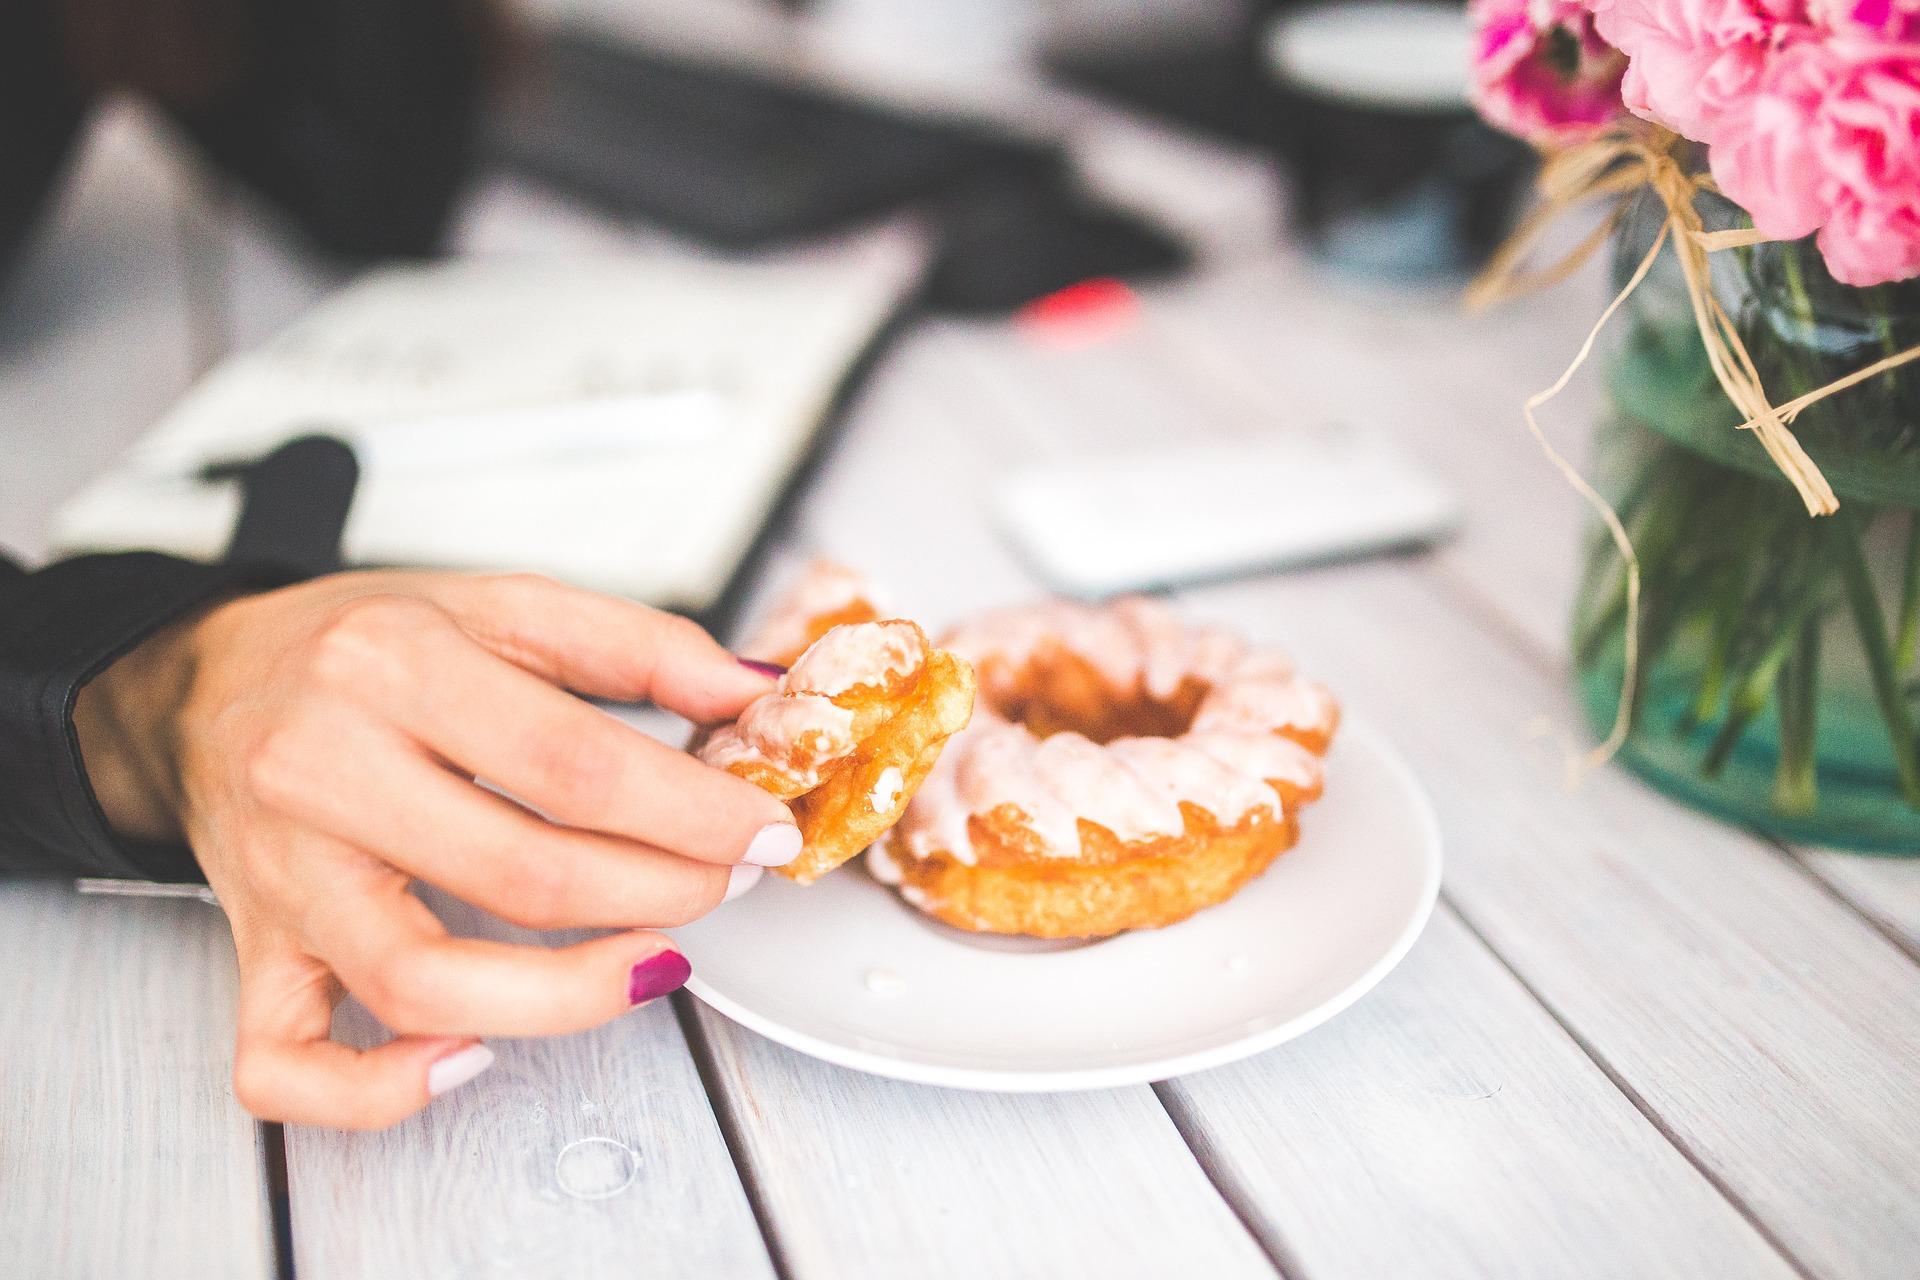 mujer con donut a través de pixabay